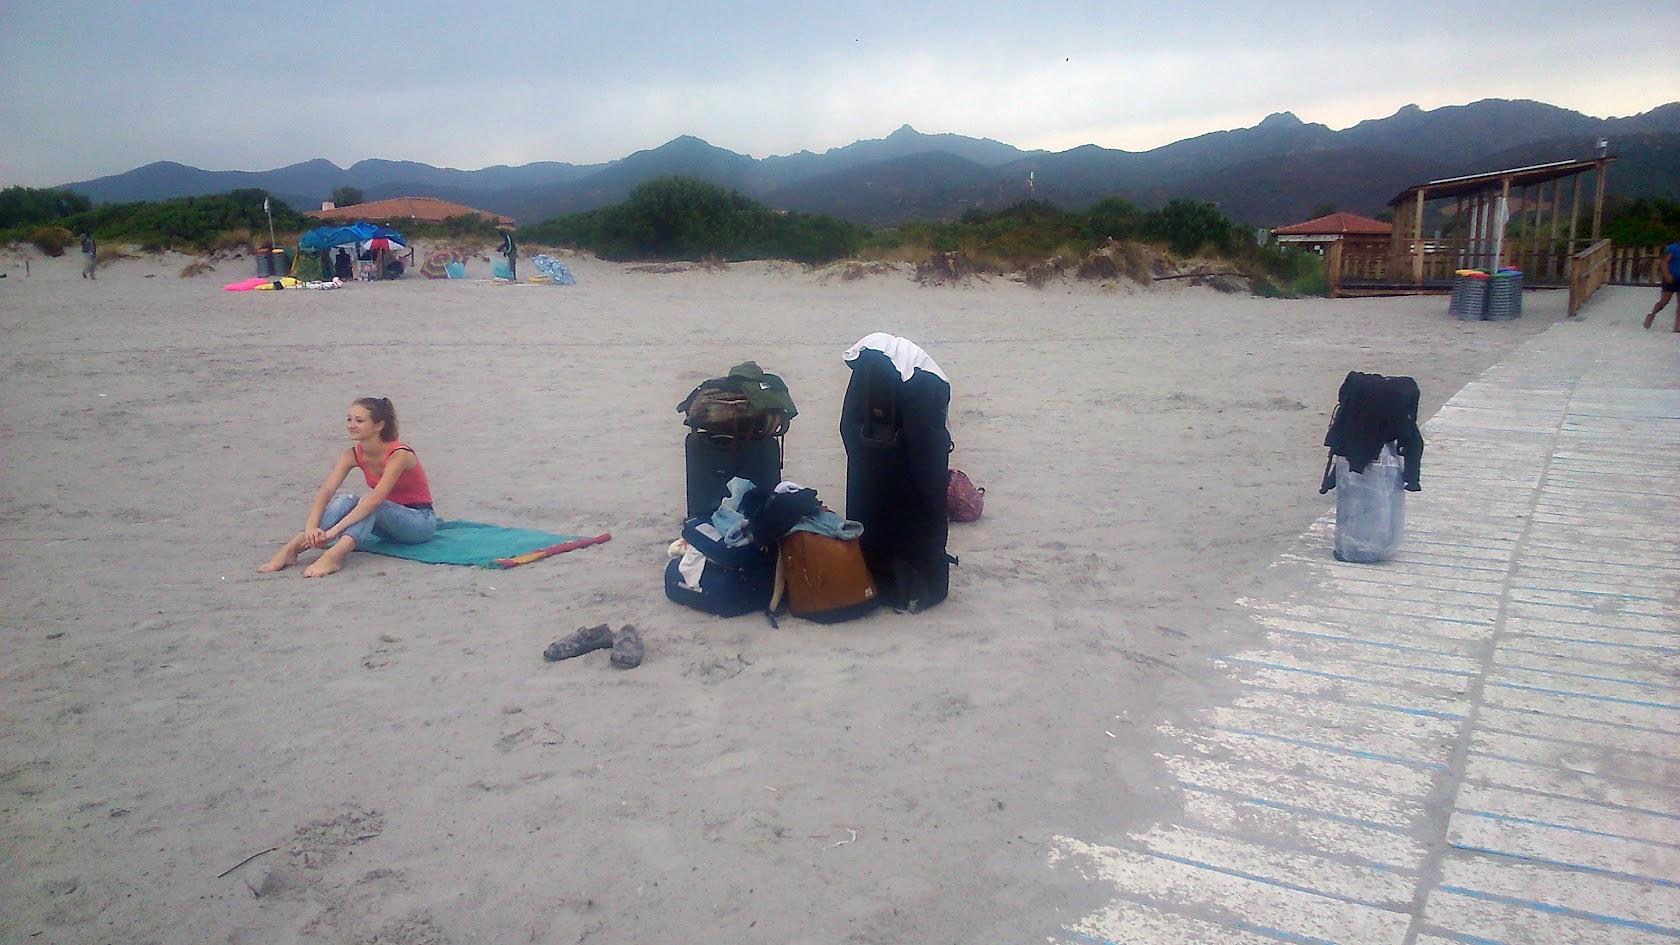 Мы на пляже Ла Чинта с чемоданами утром. Только приехали.